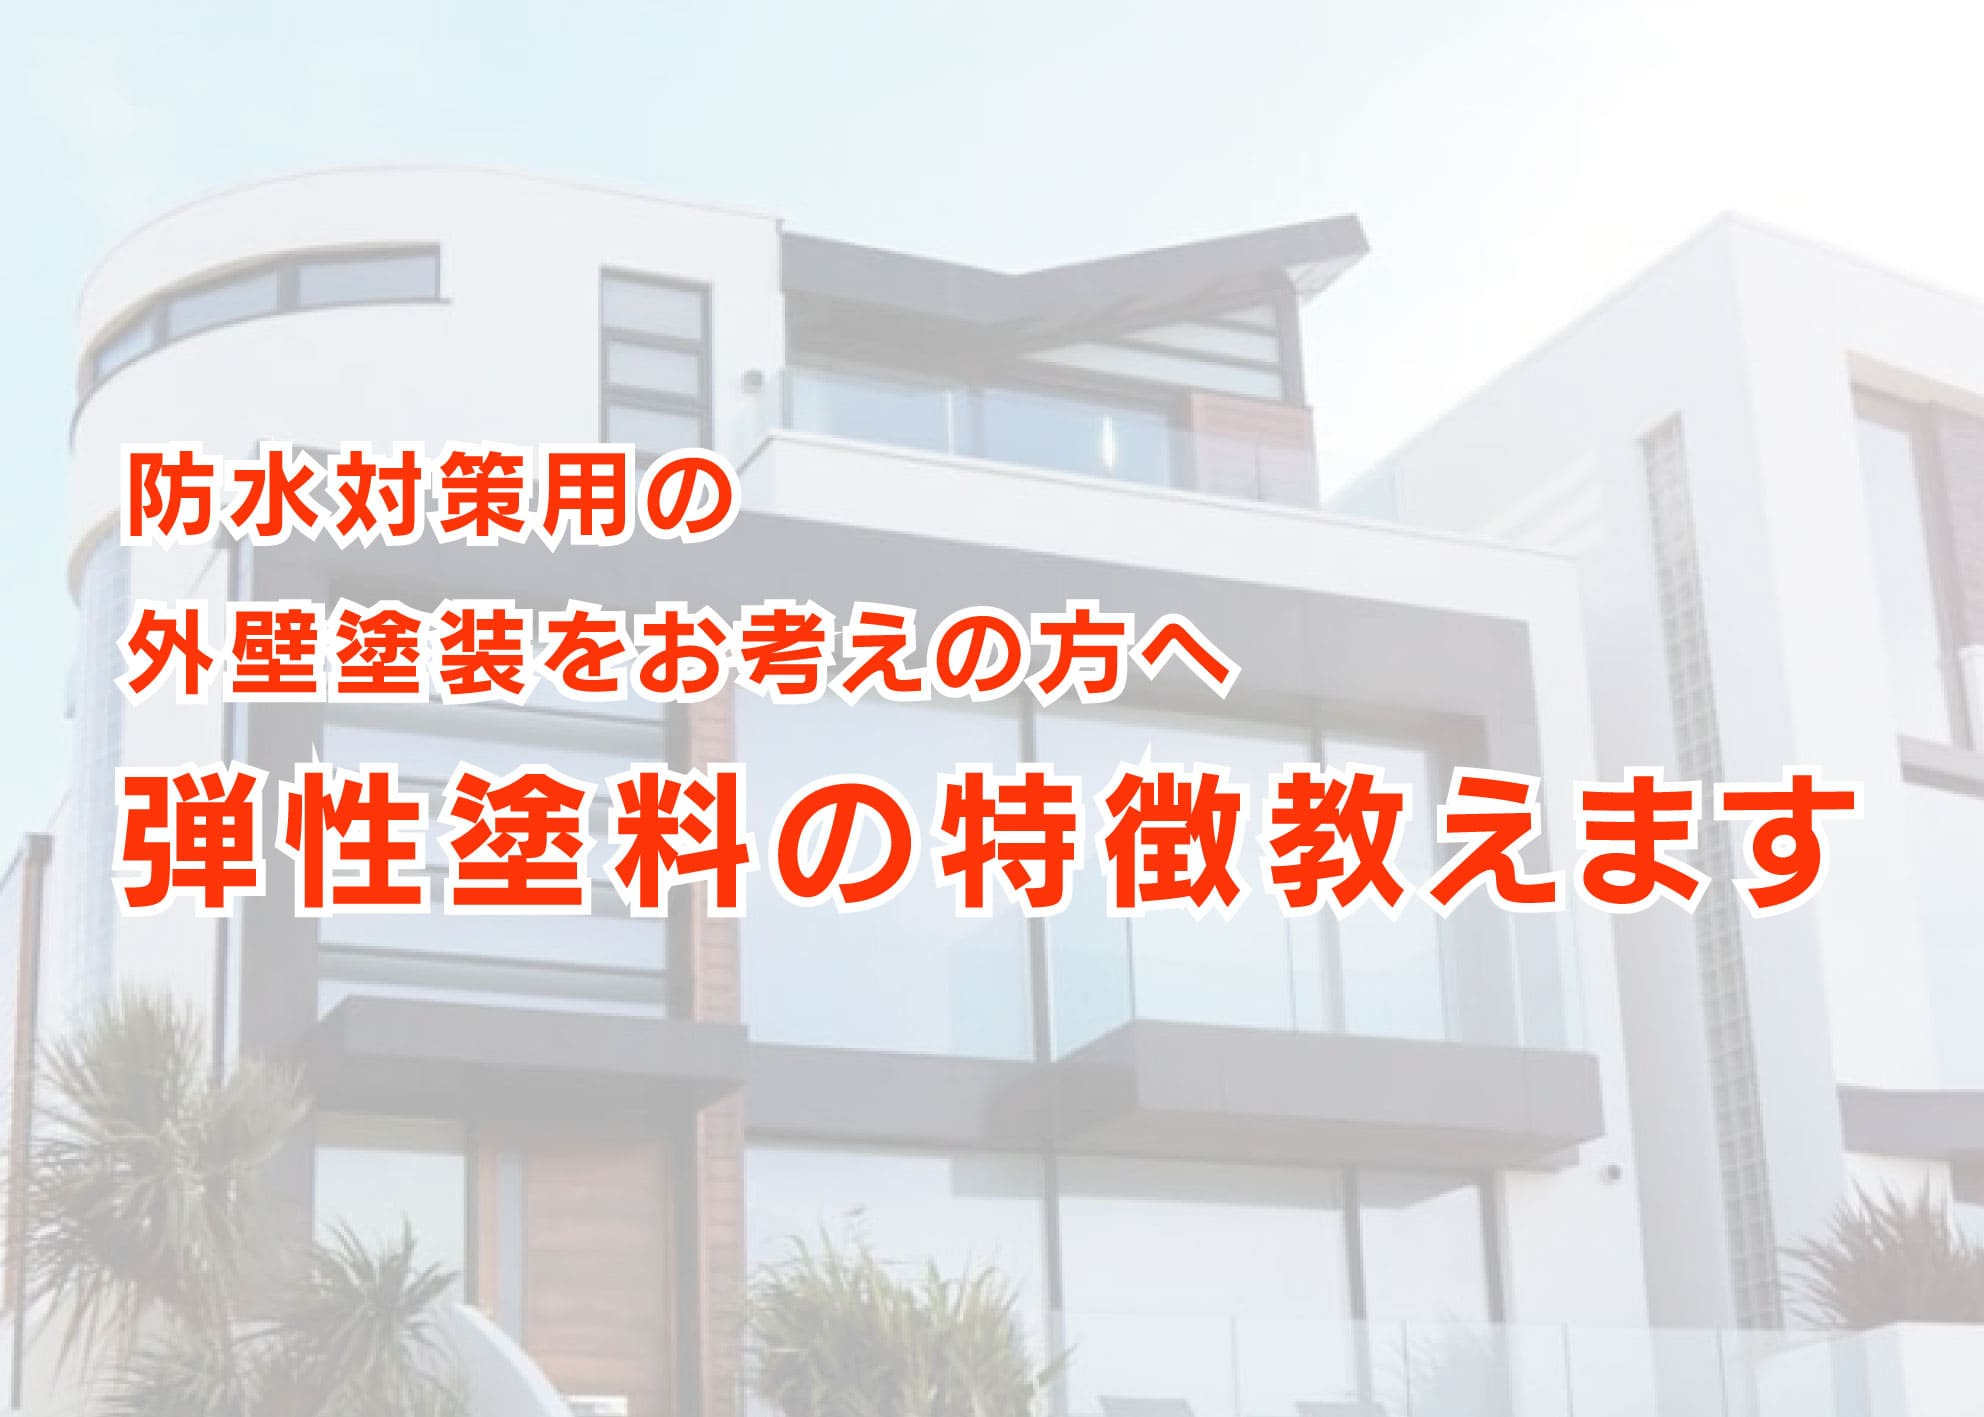 横浜市で防水対策用の外壁塗装をお考えの方へ 弾性塗料の特徴教えます